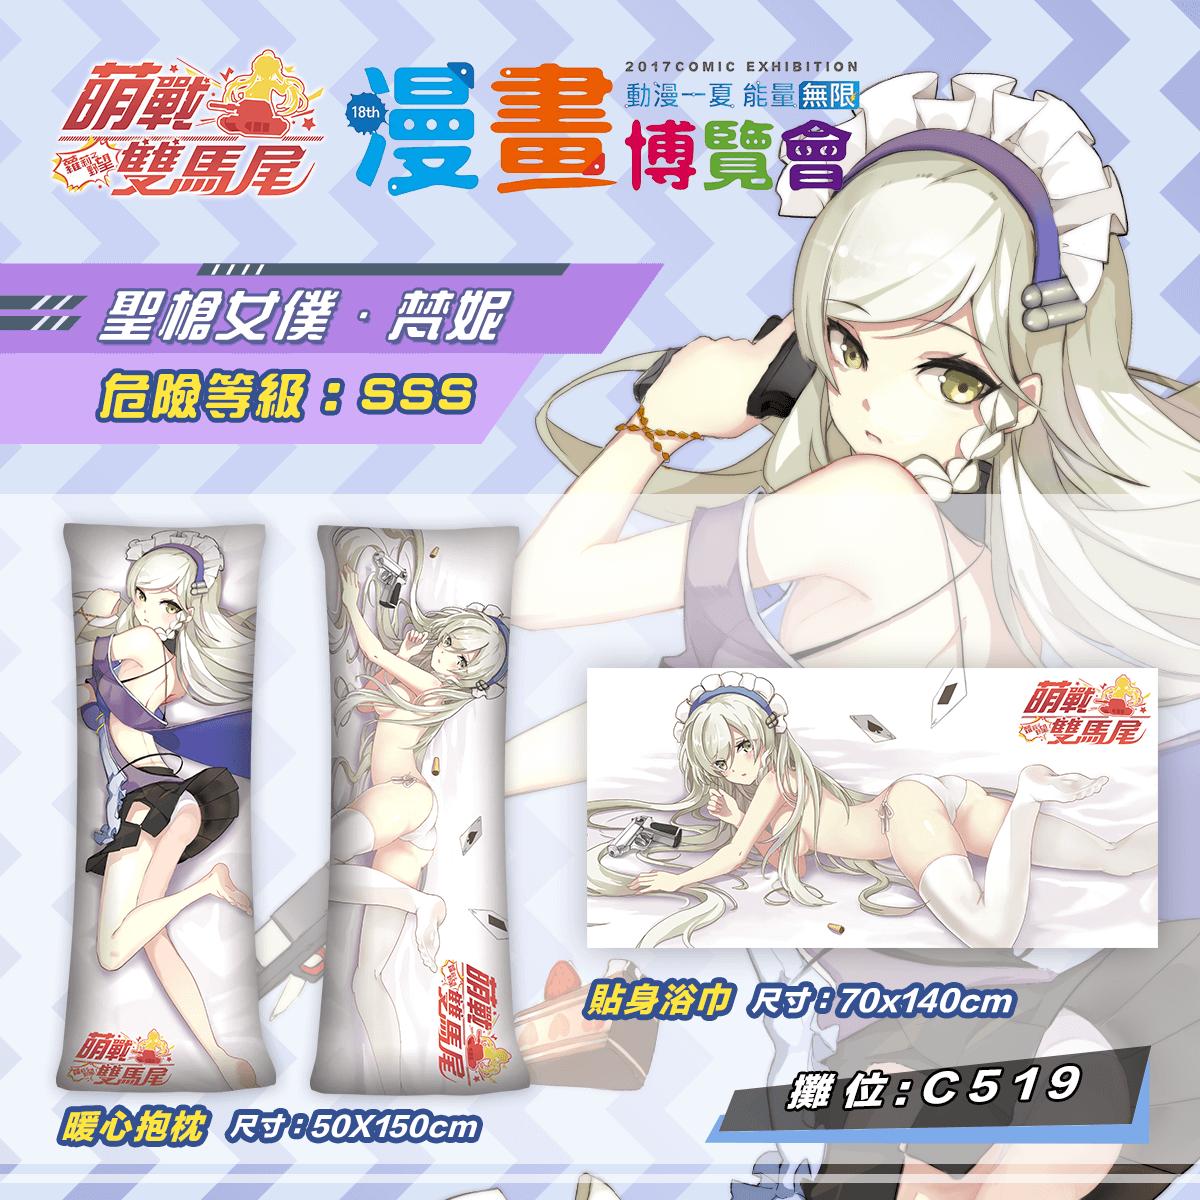 萌戰雙馬尾圖素/萌戰雙馬尾X漫畫博覽會.png